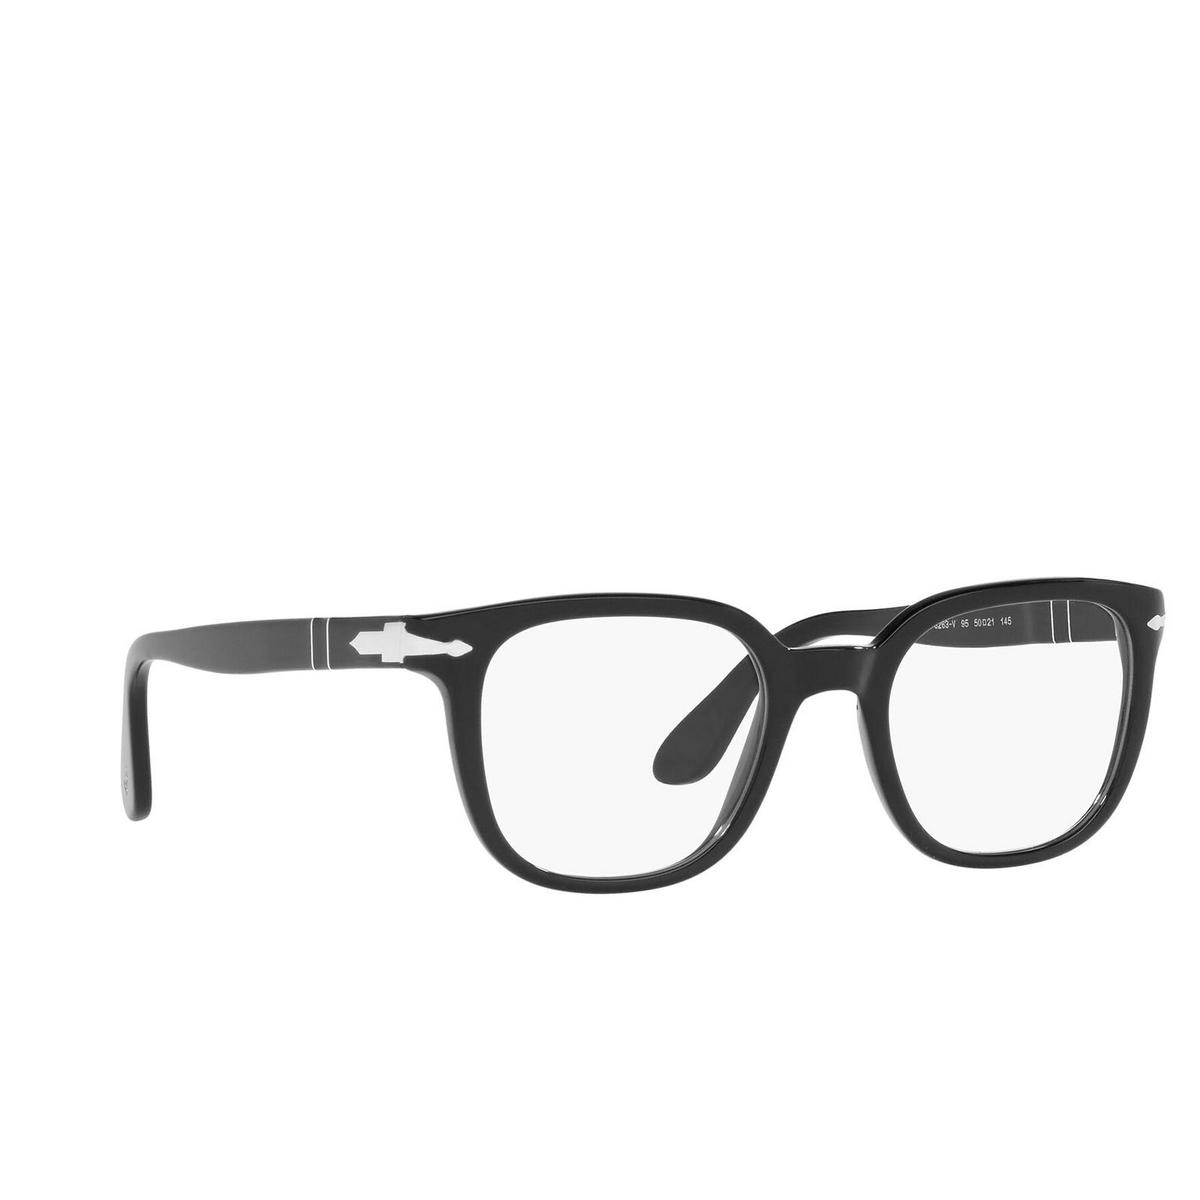 Persol® Square Eyeglasses: PO3263V color Black 95 - three-quarters view.